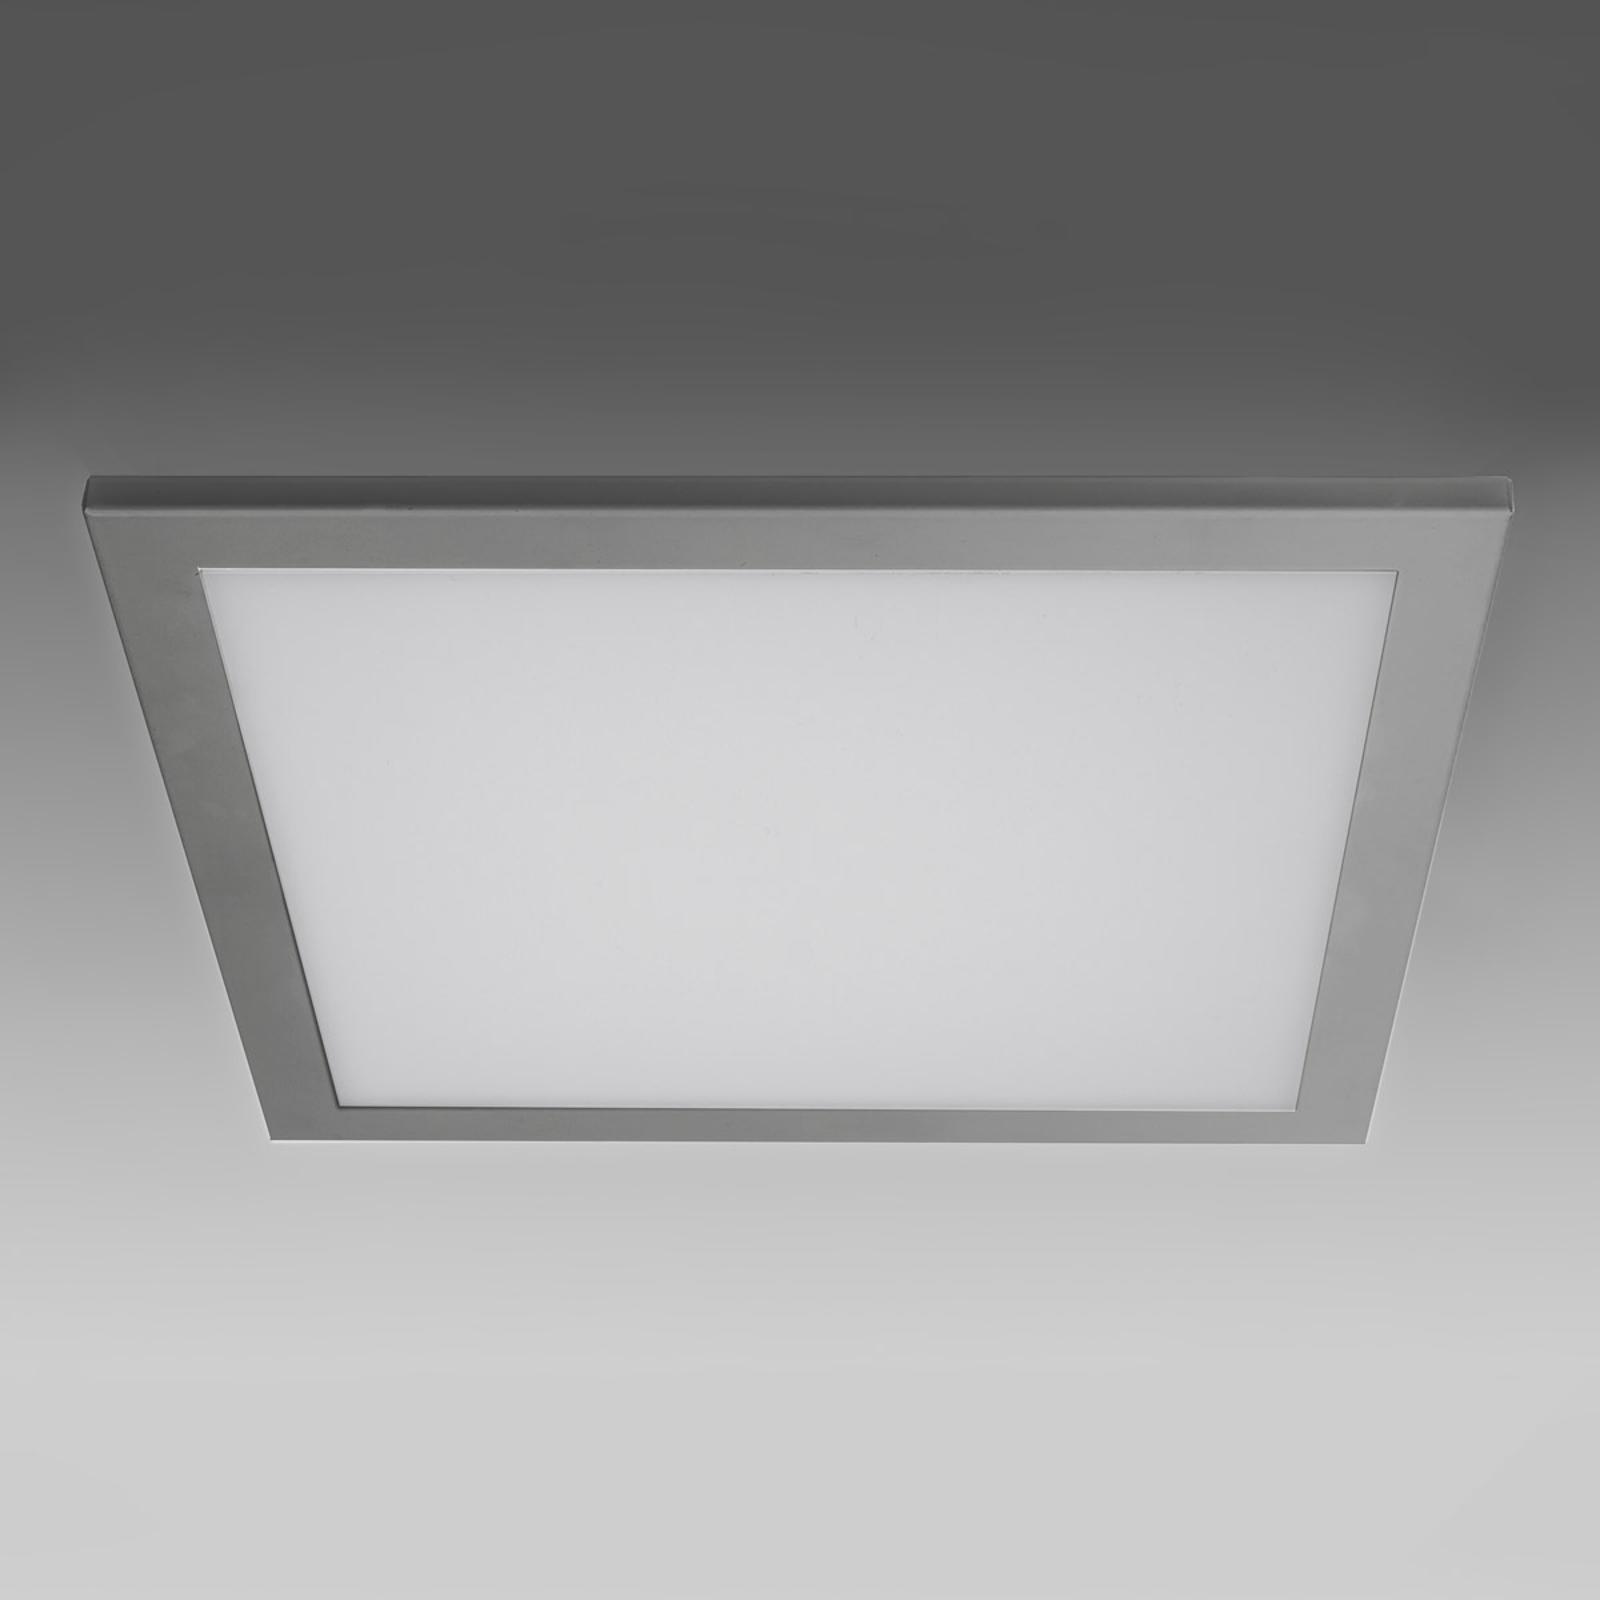 Plafonnier encastrable LED SUN 9, plat argenté 3 k